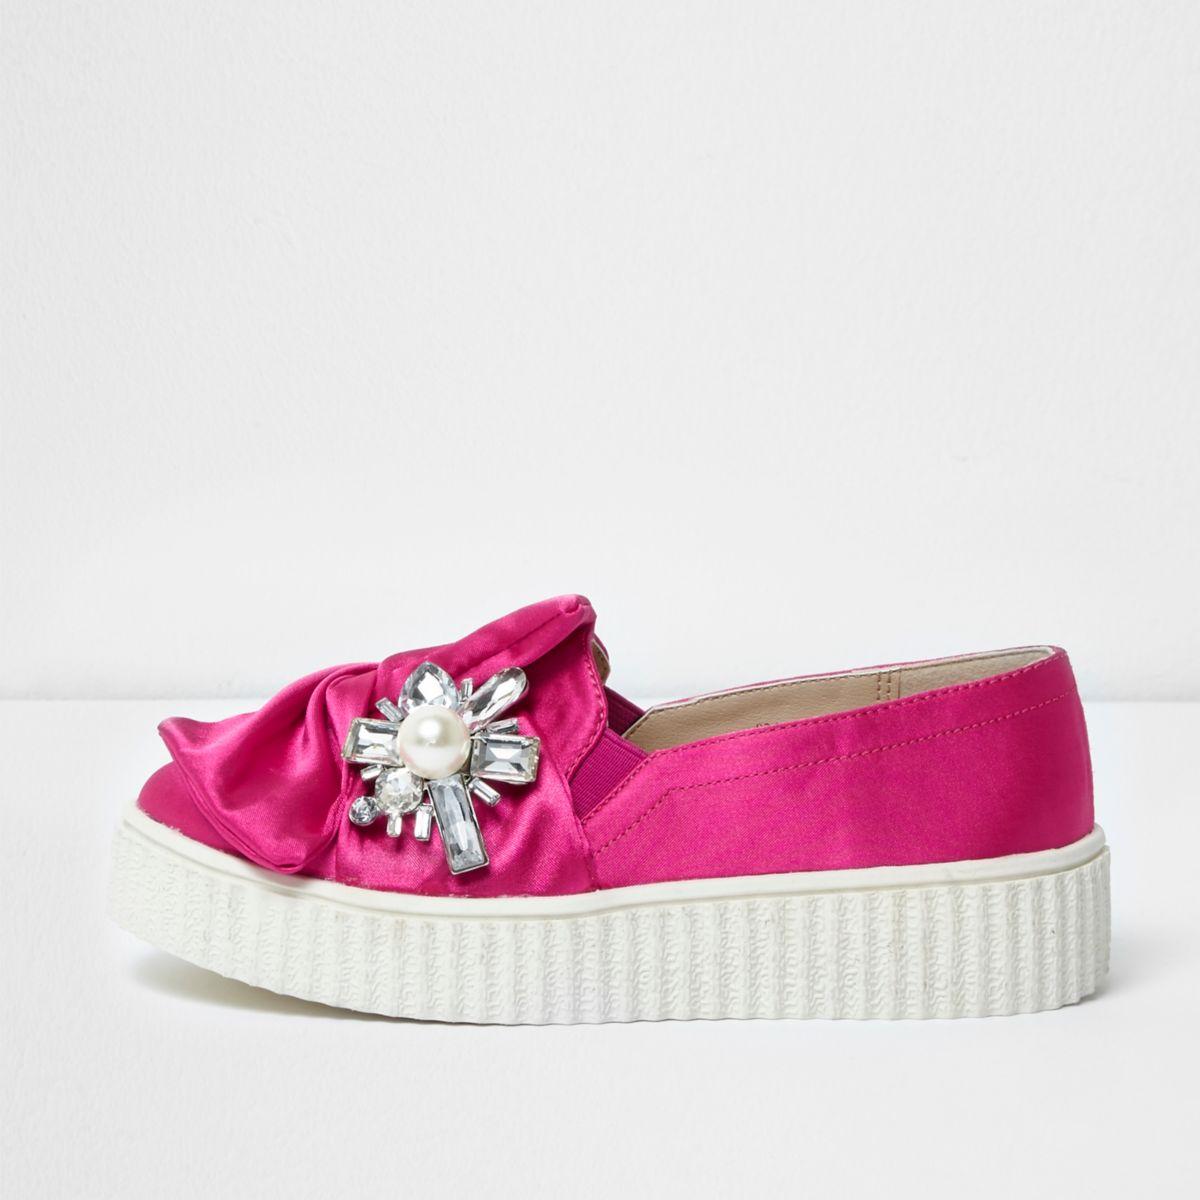 Girls pink satin embellished plimsolls